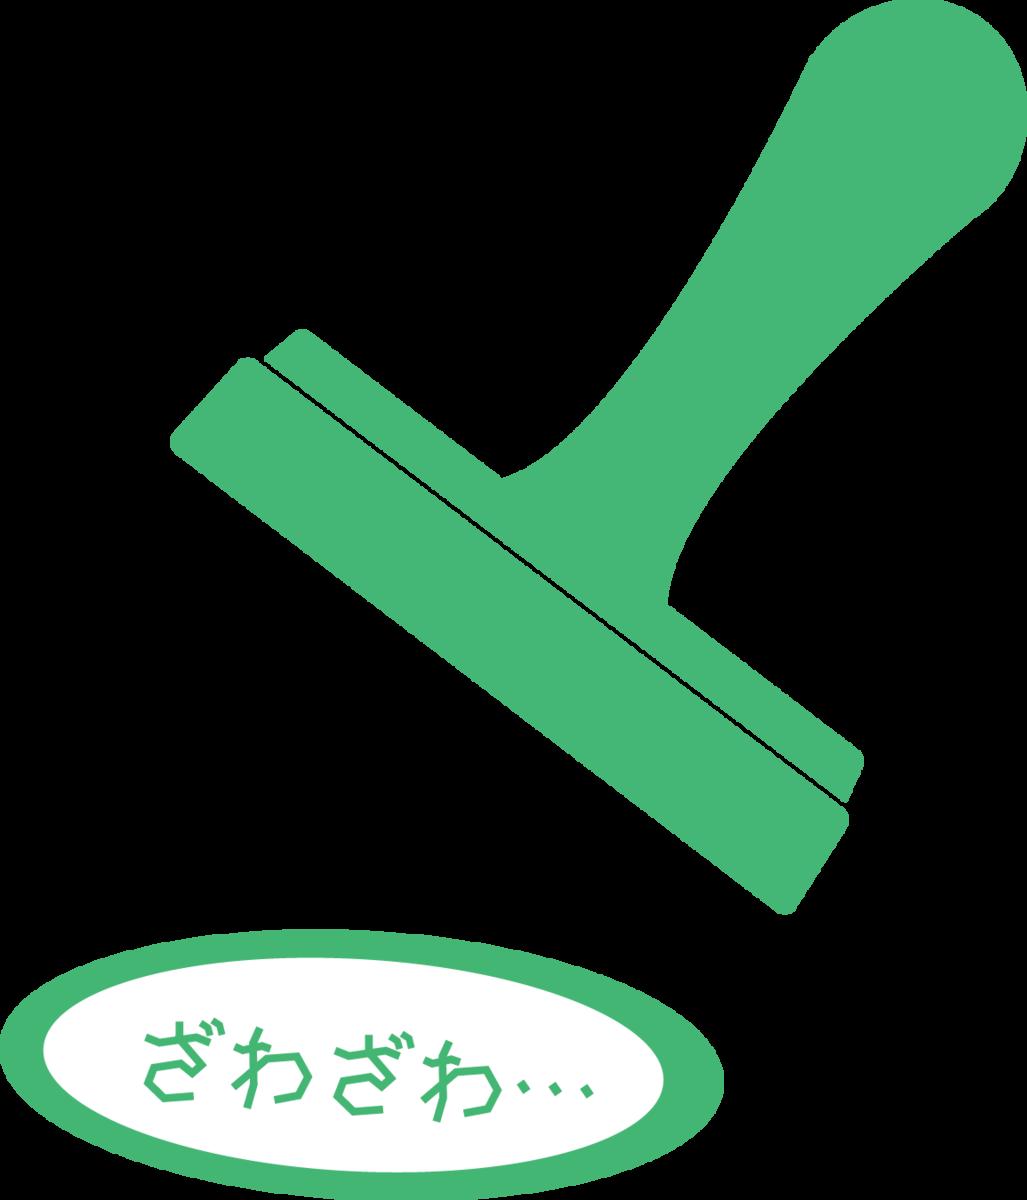 f:id:mojiru:20201026093534p:plain